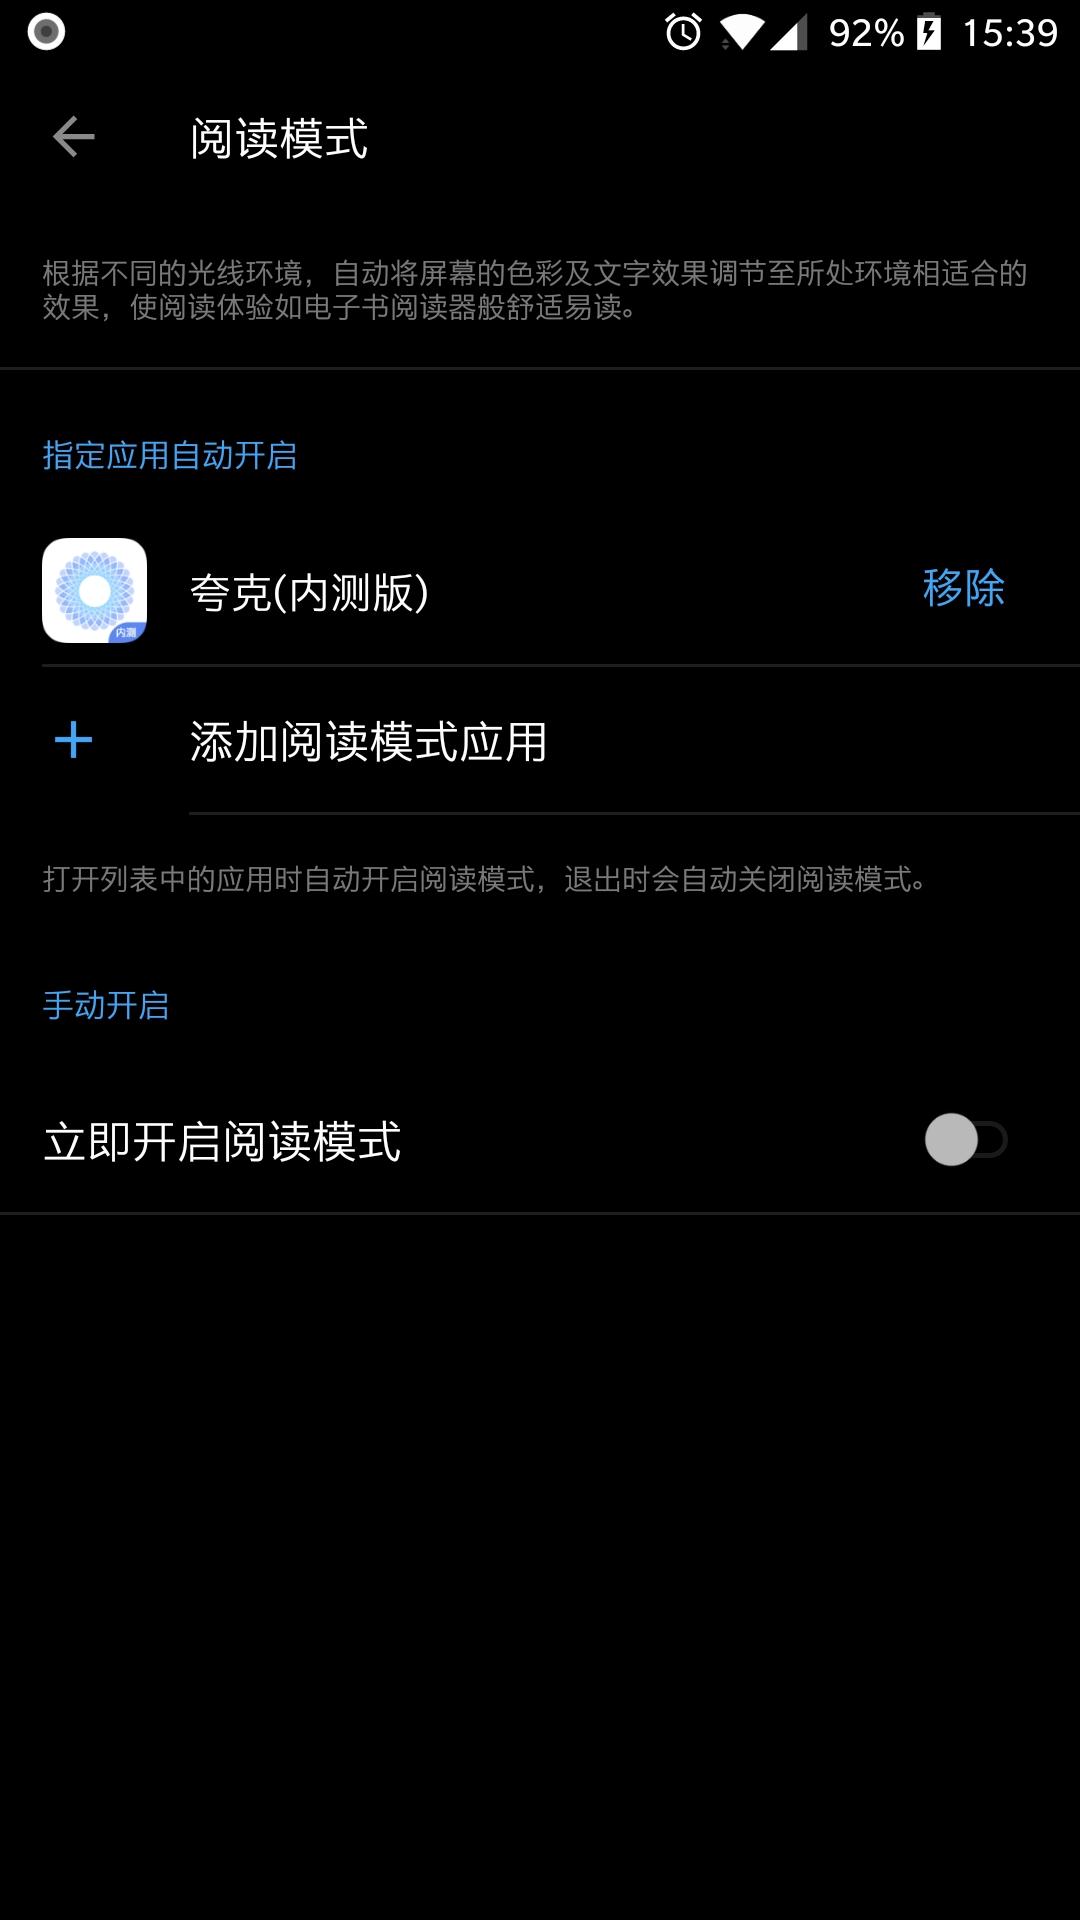 Screenshot_20180503-153912.jpg